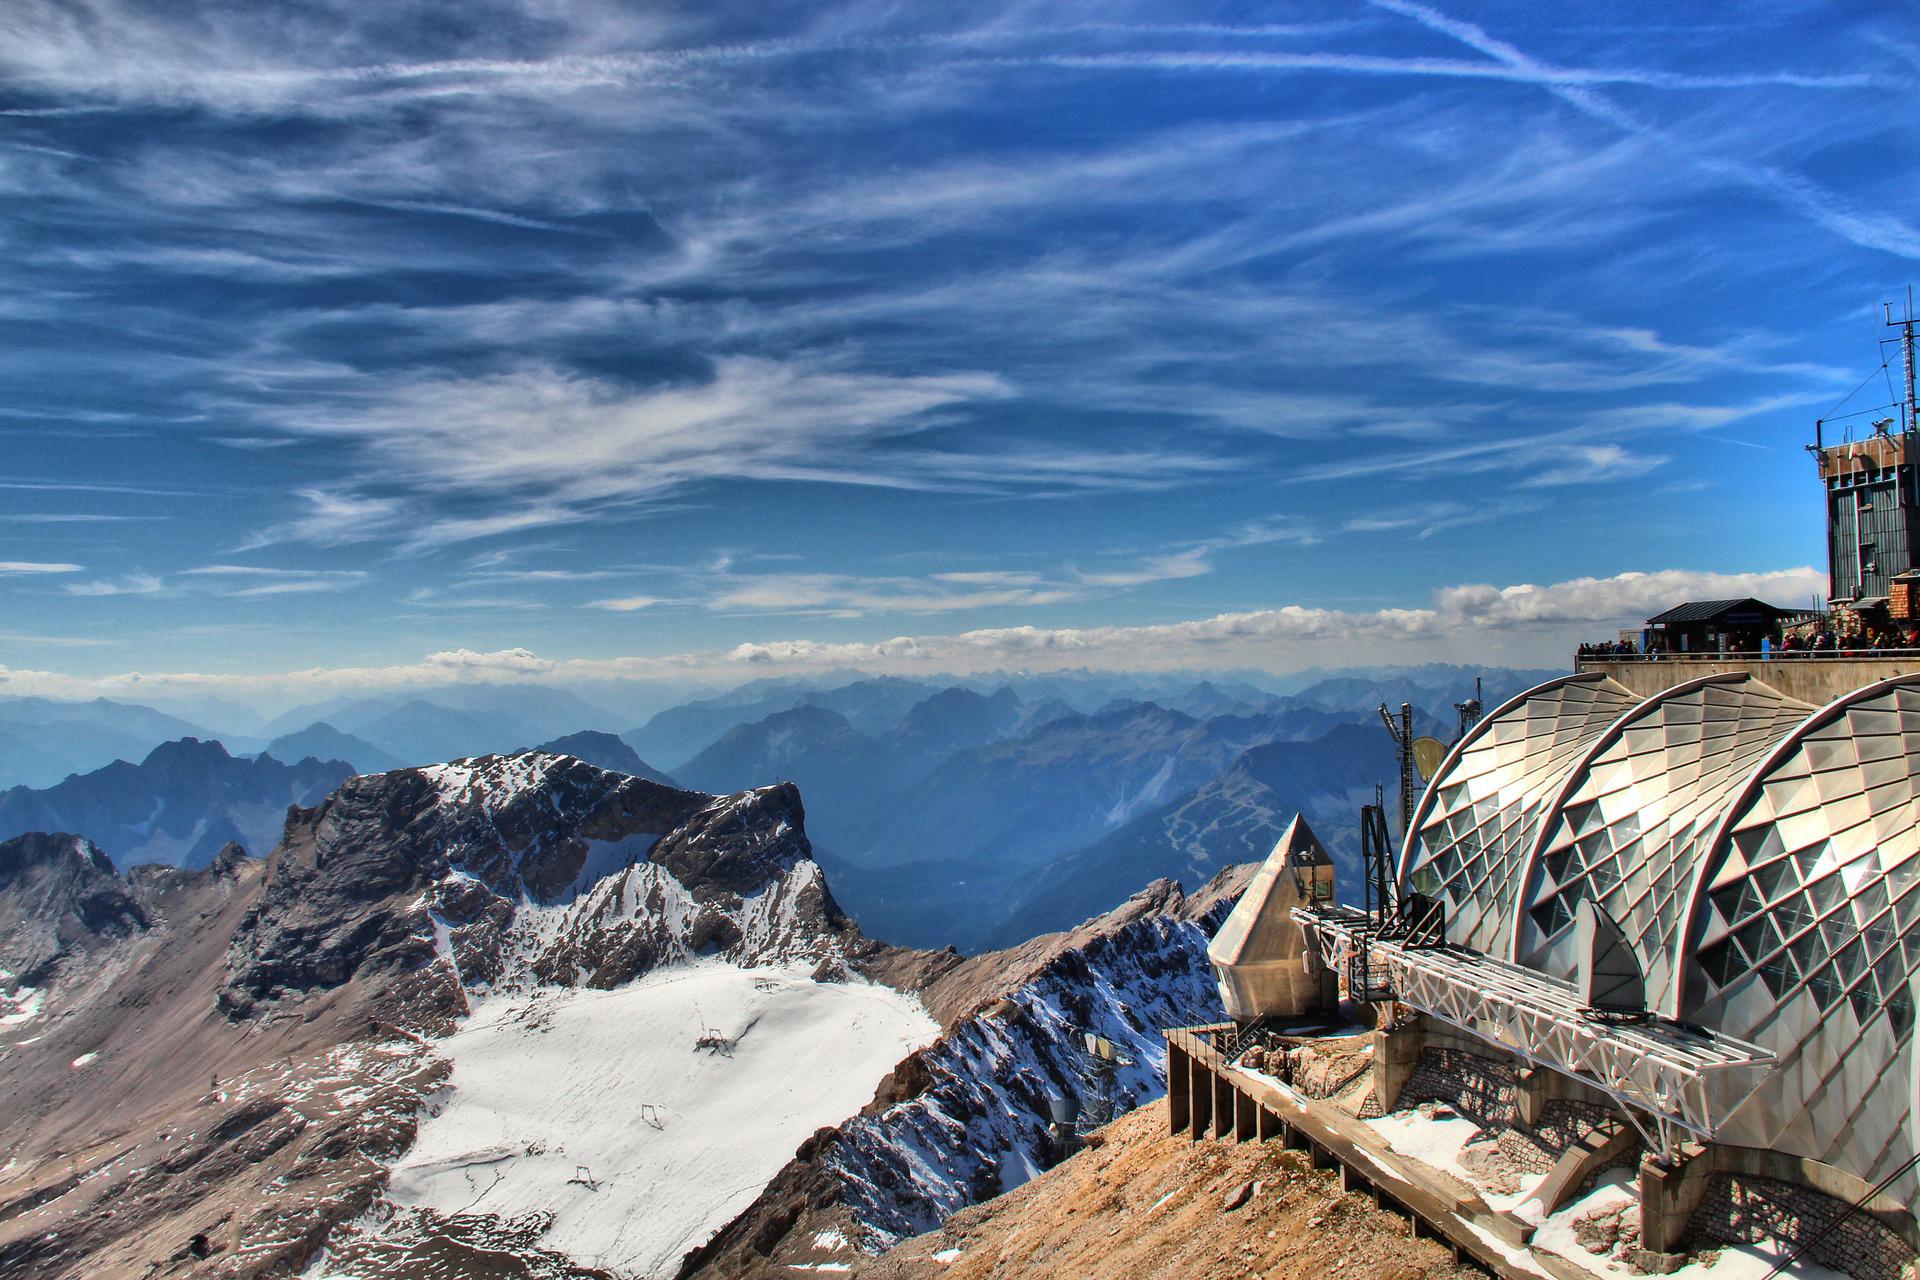 Der Schneeferner an der Zugspitze mit Skiliften © Pixabay